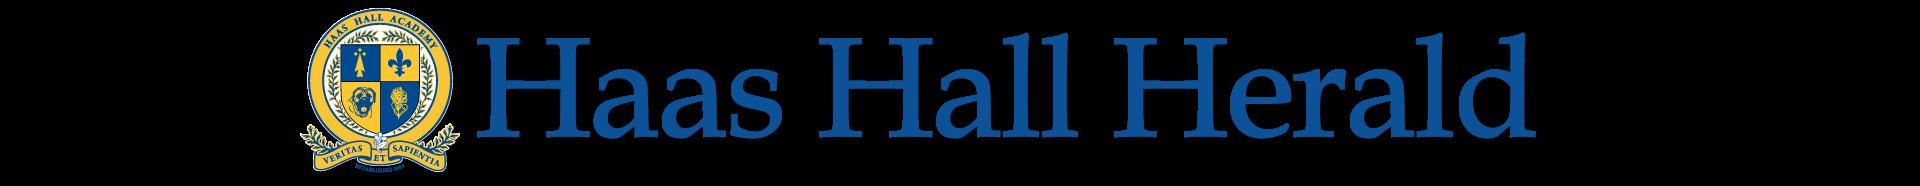 Haas Hall Herald